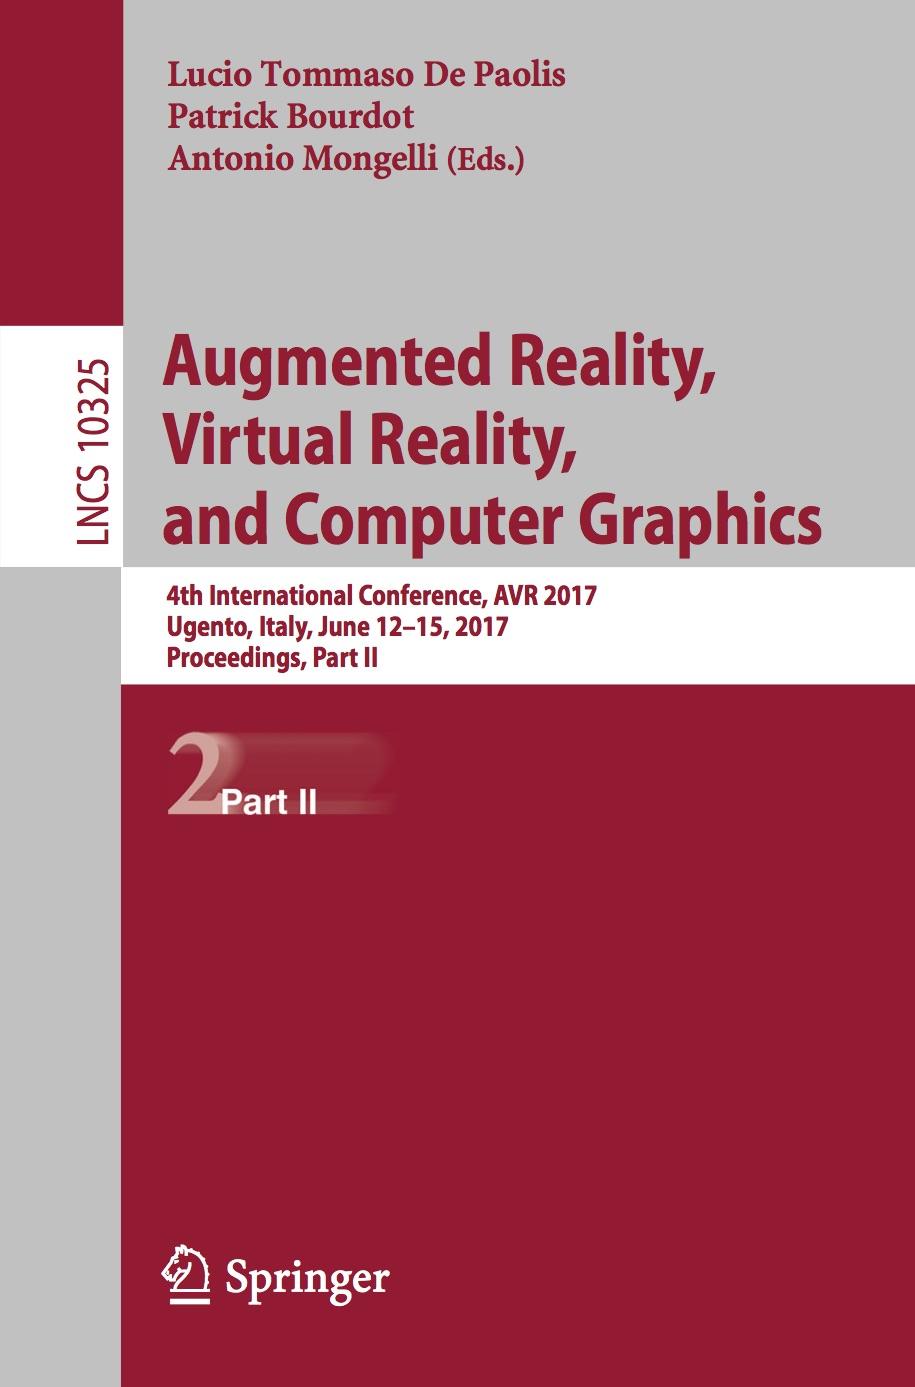 AVR 2017 - part II